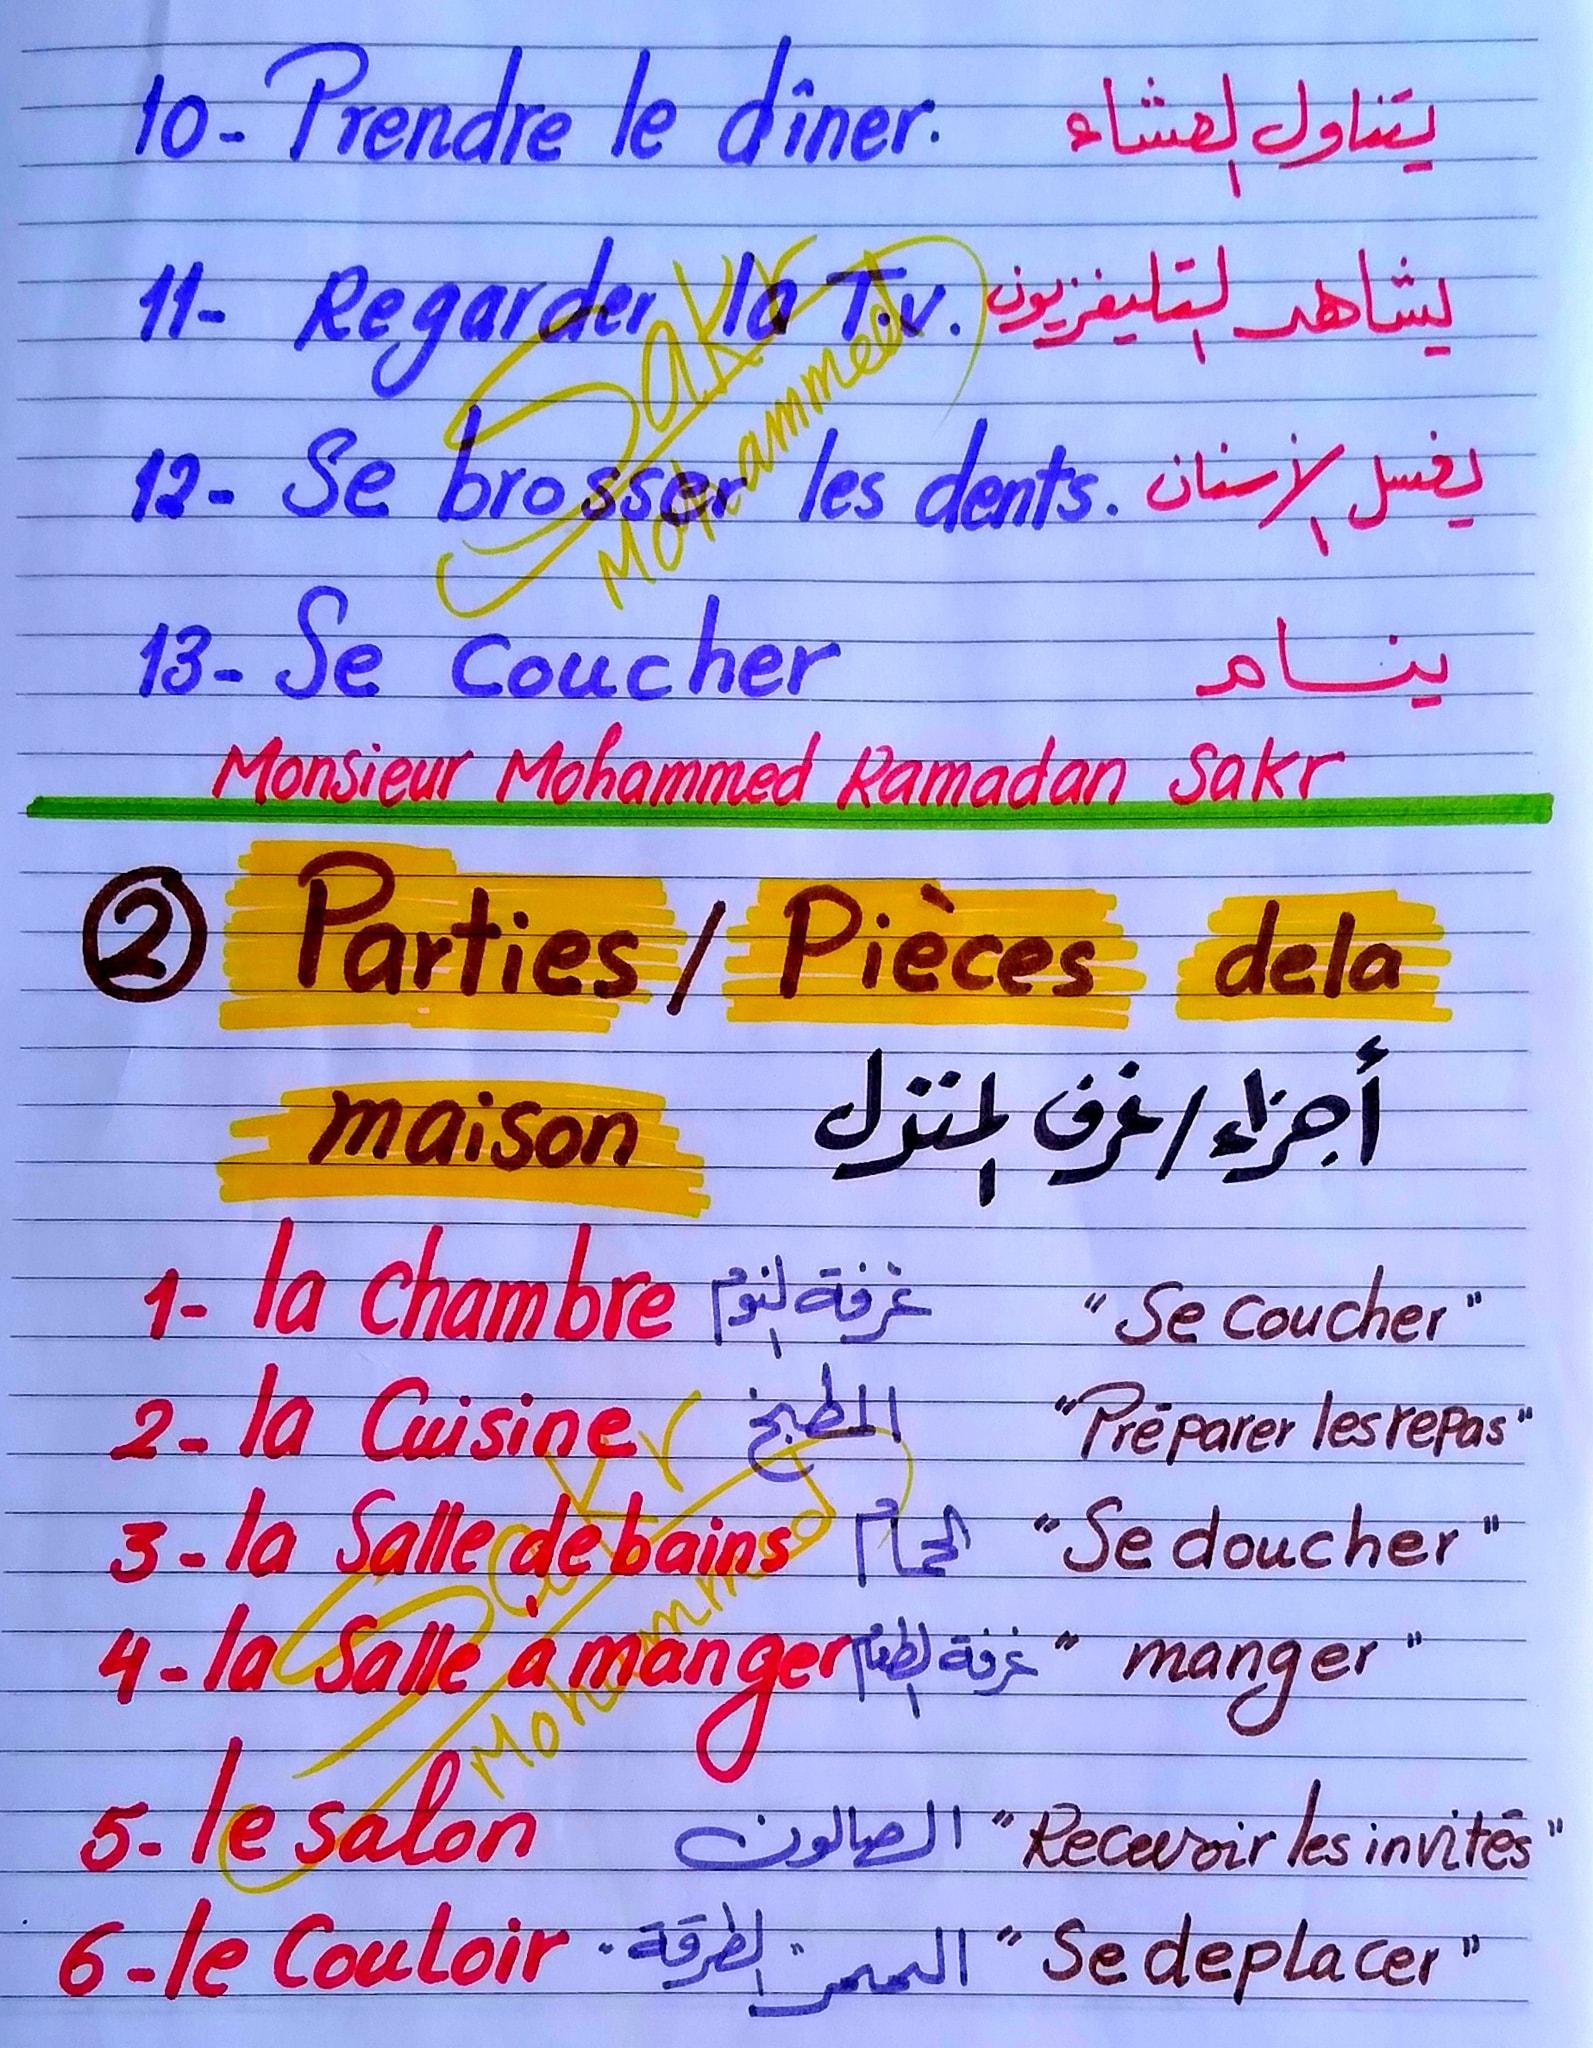 مراجعة لغة فرنسية للصف الثانى الثانوى ترم ثاني مسيو محمد رمضان 2